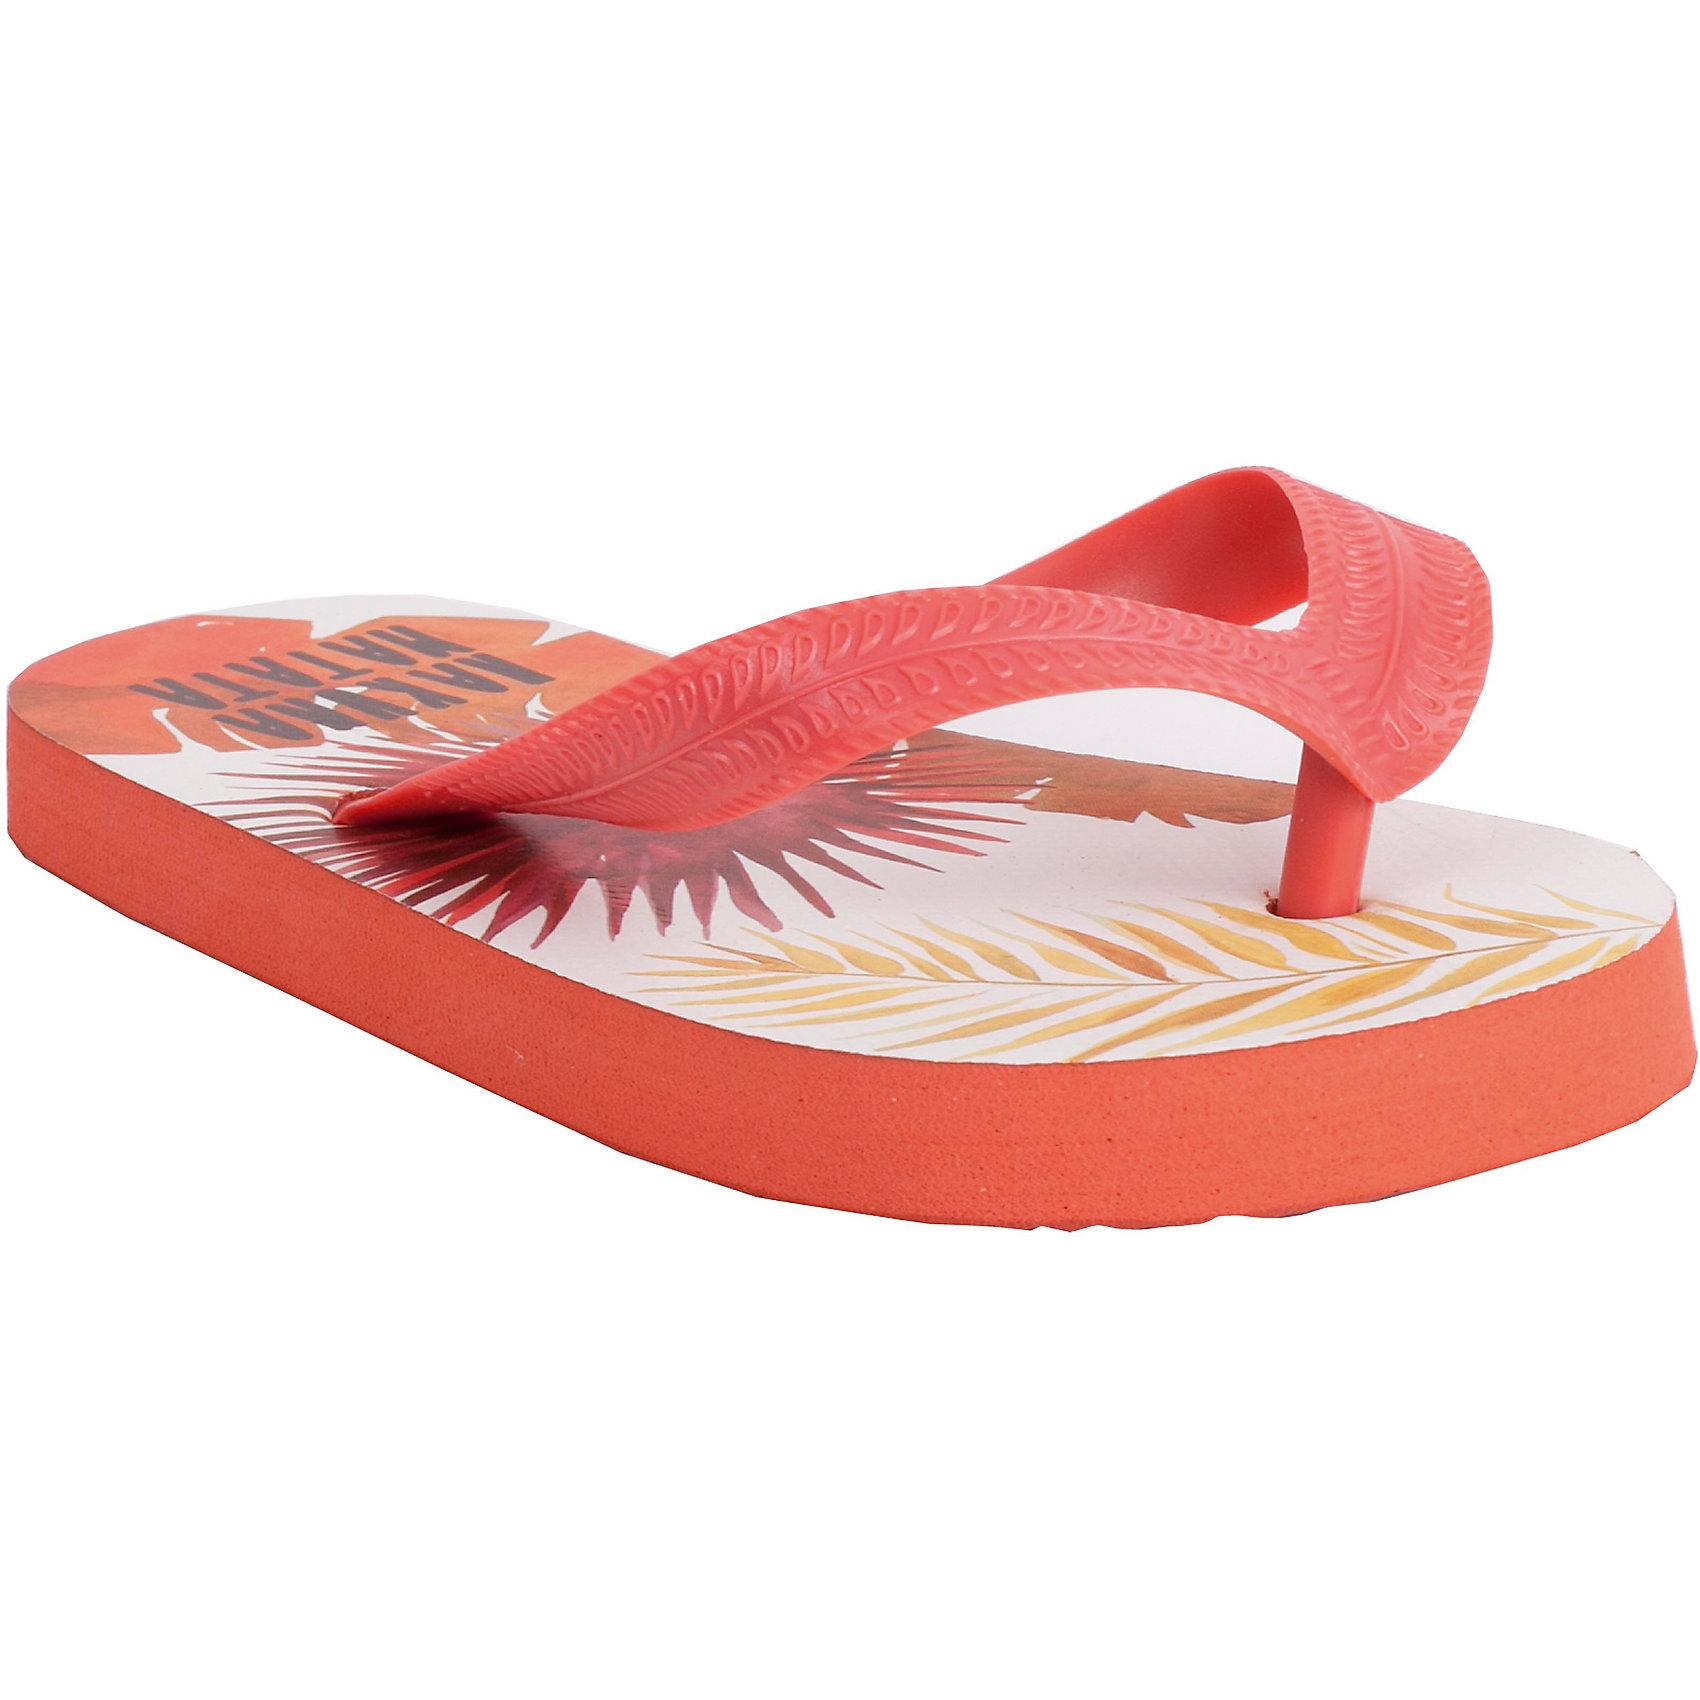 Обувь пляжная для мальчика GulliverПляжная обувь - вещь, совершенно необходимая для отдыха у воды. Мягкие резиновые тапочки-въетнамки для мальчика надежно защитят ногу от мелкой гальки  и горячего песка, а также станут ярким запоминающимся элементом пляжного ансамбля.  Если вы решили купить подростку въетнамки, обратите внимания на эти! Ребенок наверняка оценит сочный гавайский рисунок и оригинальный шрифтовой принт в стиле коллекции Камбоджа.<br>Состав:<br>верх:                              PVC;             подошва:                 EVA<br><br>Ширина мм: 248<br>Глубина мм: 135<br>Высота мм: 147<br>Вес г: 256<br>Цвет: разноцветный<br>Возраст от месяцев: 156<br>Возраст до месяцев: 168<br>Пол: Мужской<br>Возраст: Детский<br>Размер: 37,36,39,40,38<br>SKU: 4535135